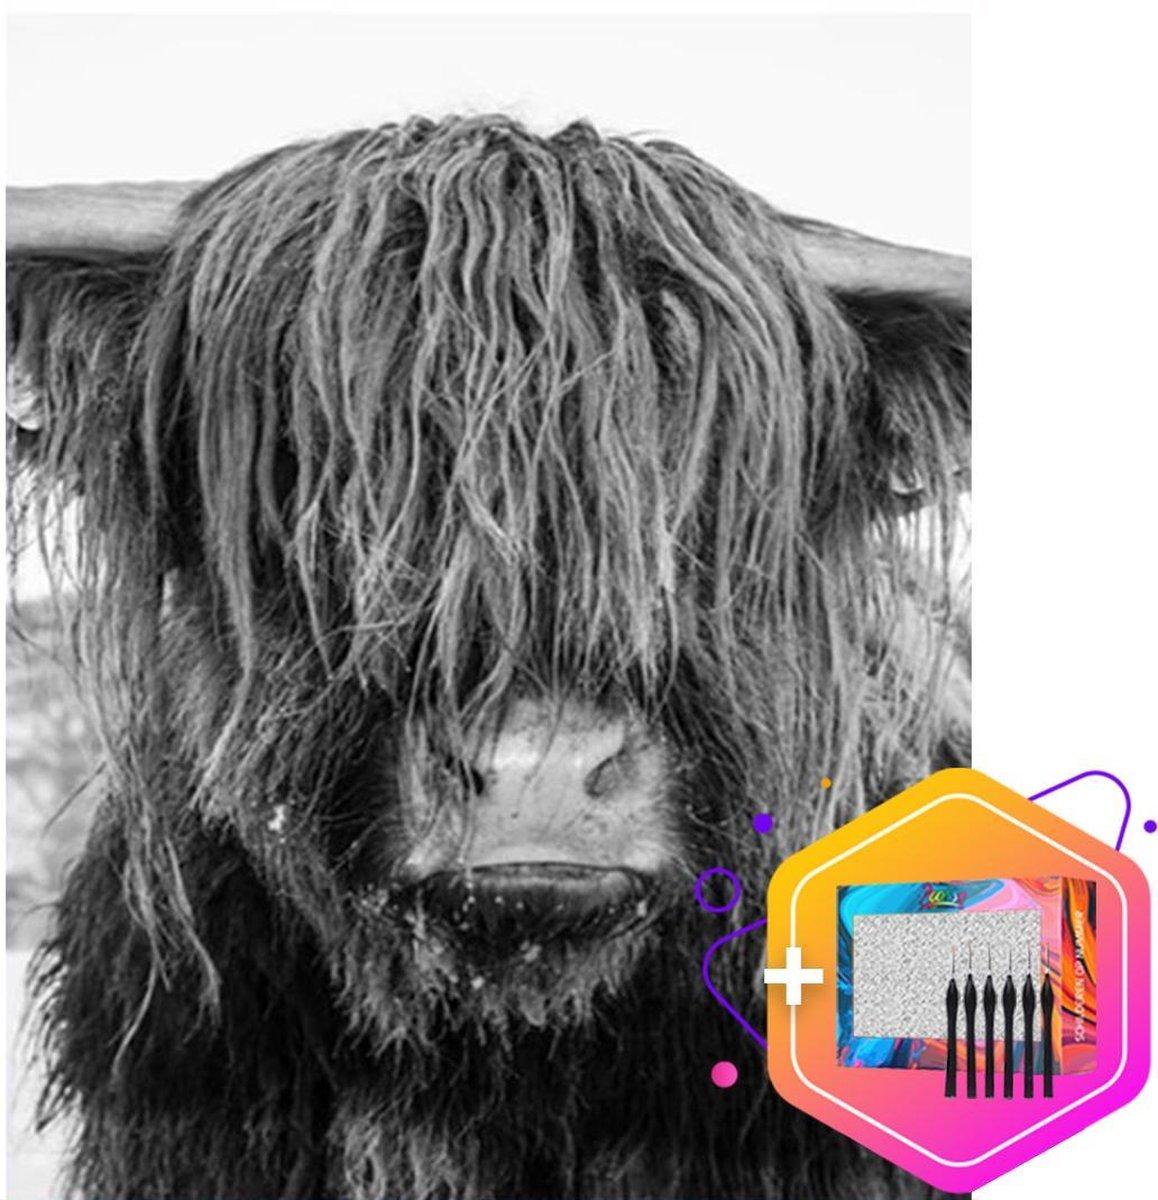 Pcasso ® Buffel Zwart-Wit - Schilderen Op Nummer - Incl. 6 Ergonomische Penselen & Geschenkverpakking - Schilderen Op Nummer Volwassenen - Schilderen Op Nummer Dieren - Kleuren Op Nummer - 40x50 cm - Professionele 26-Delige Set